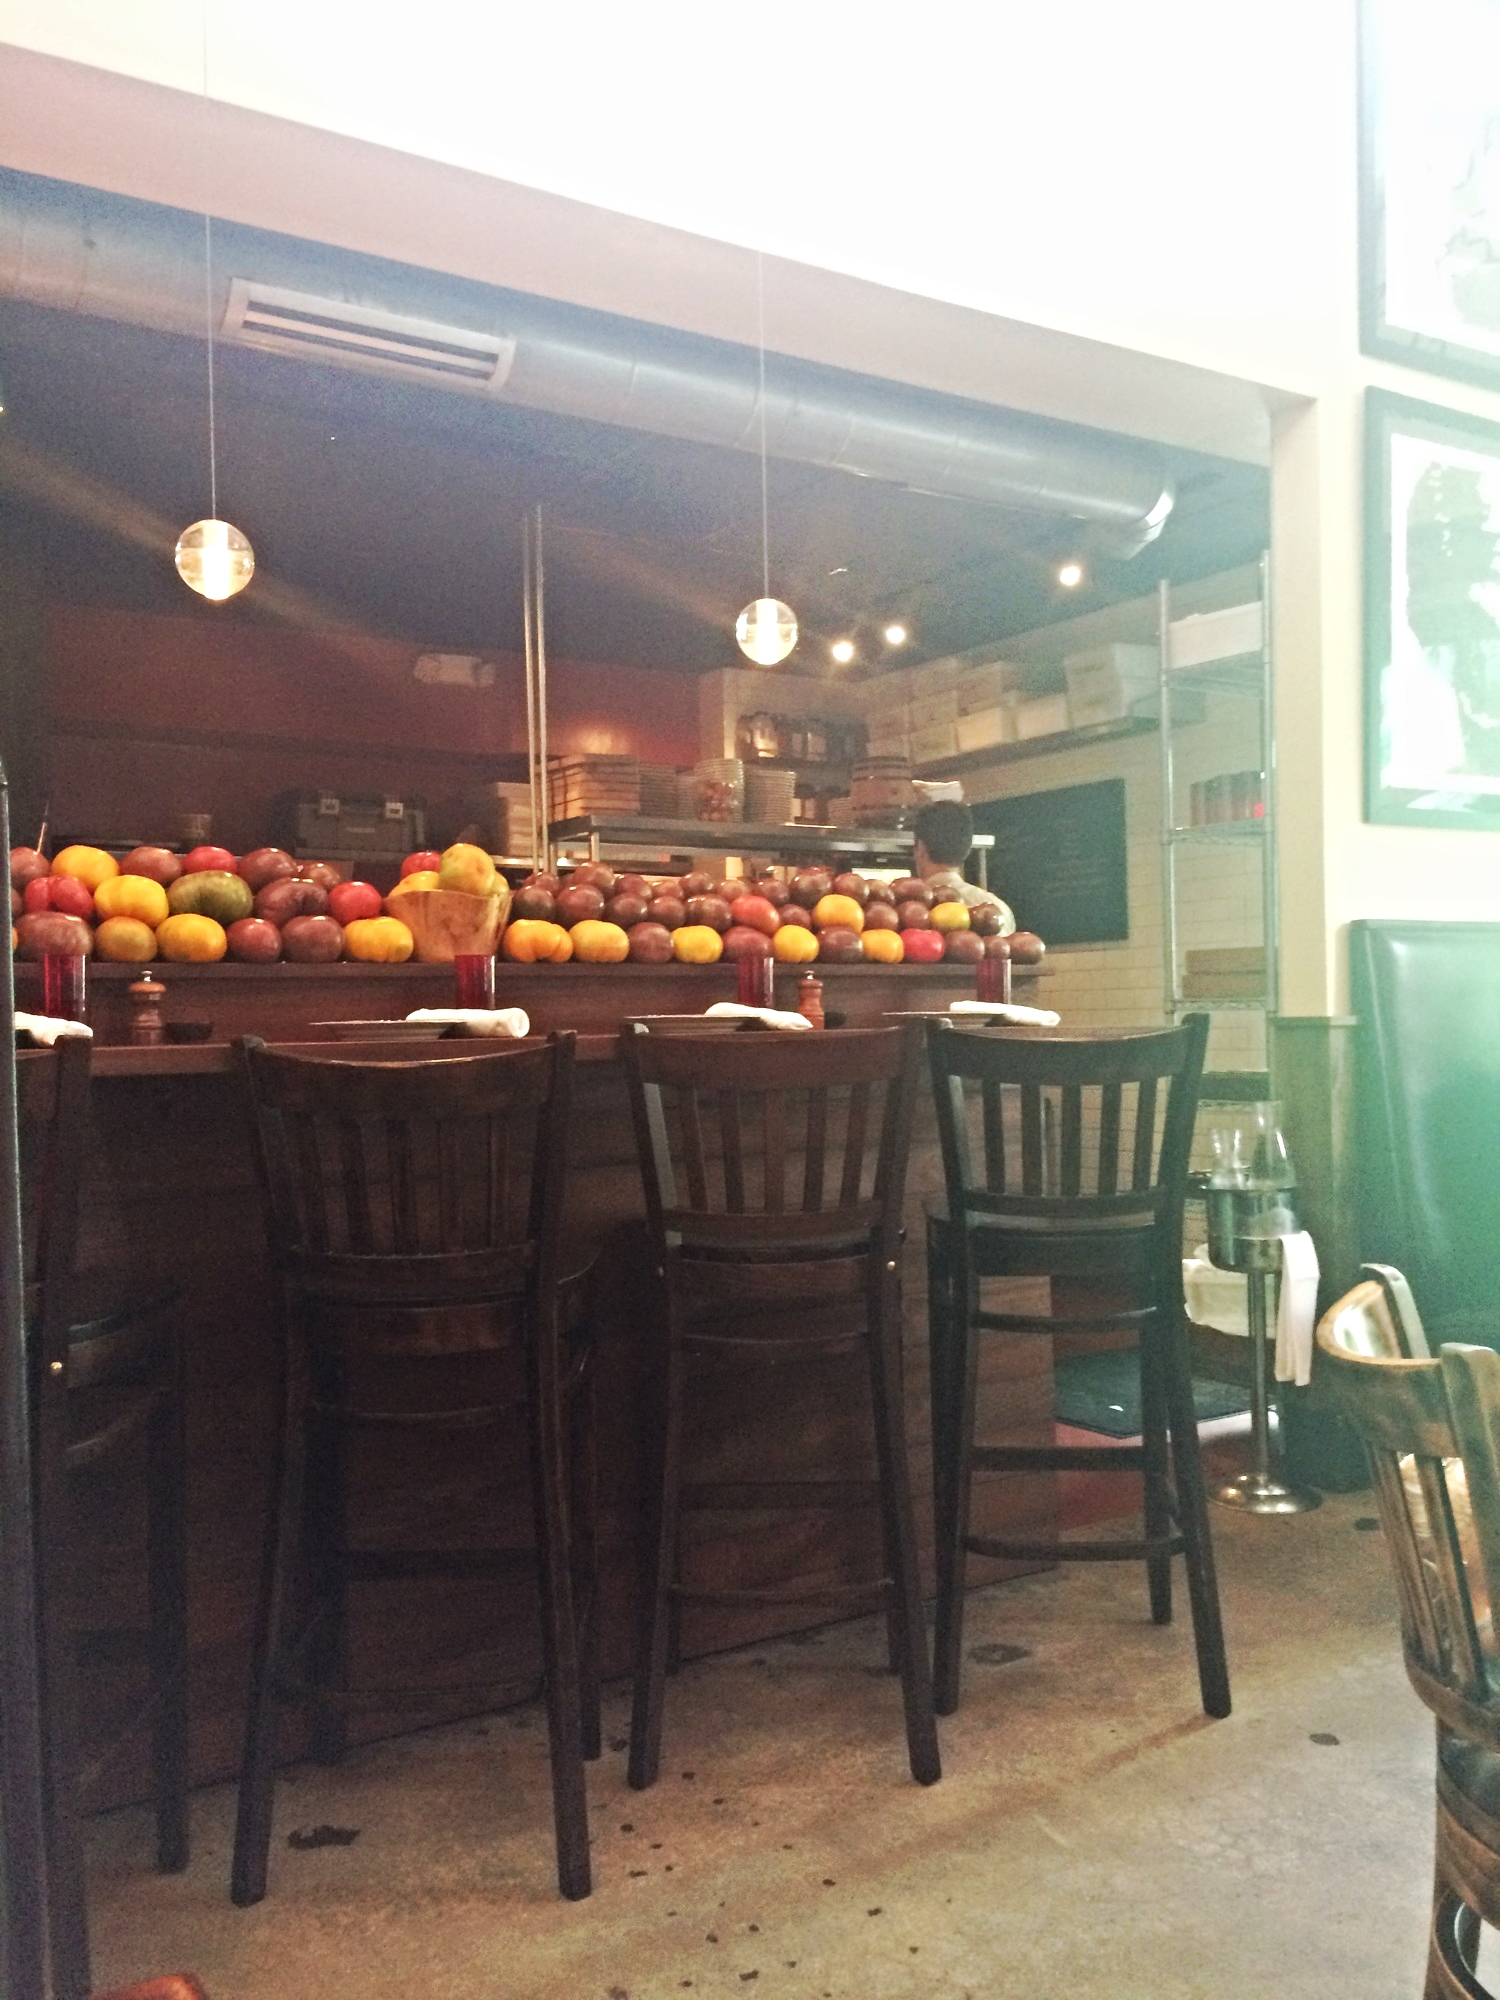 Há um balcão em frente da cozinha de onde é possível ver os cozinheiros trabalhando alucinadamente. Destaque para os  Heirloom Tomatoes  coloridos no balcão. Lindos e deliciosos!